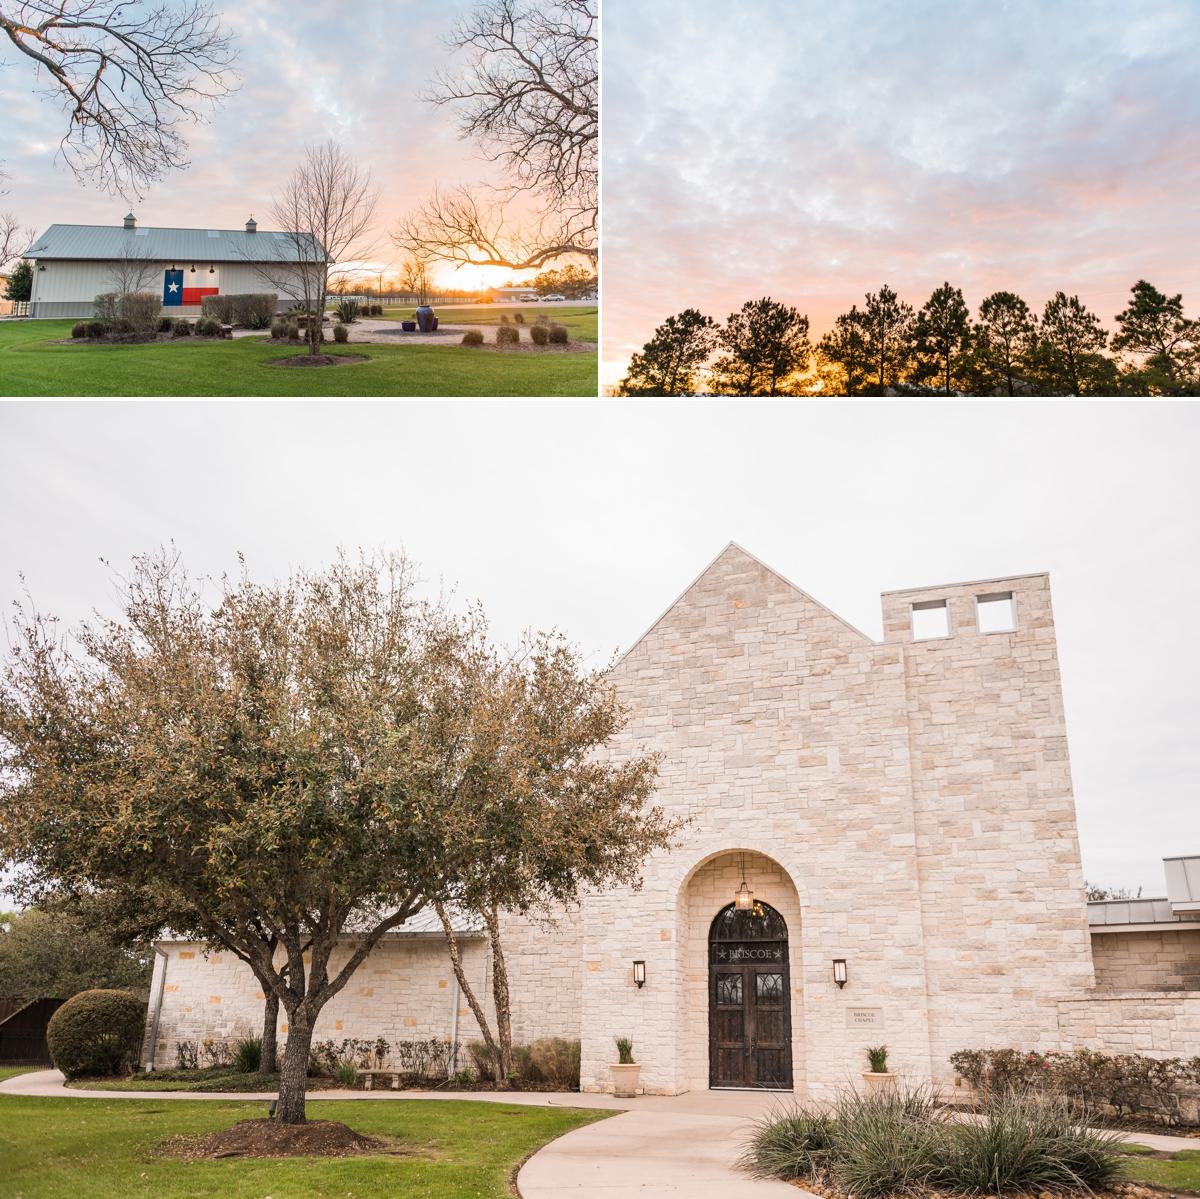 Briscoe Manor Houston Wedding Venue in Richmond, Texas